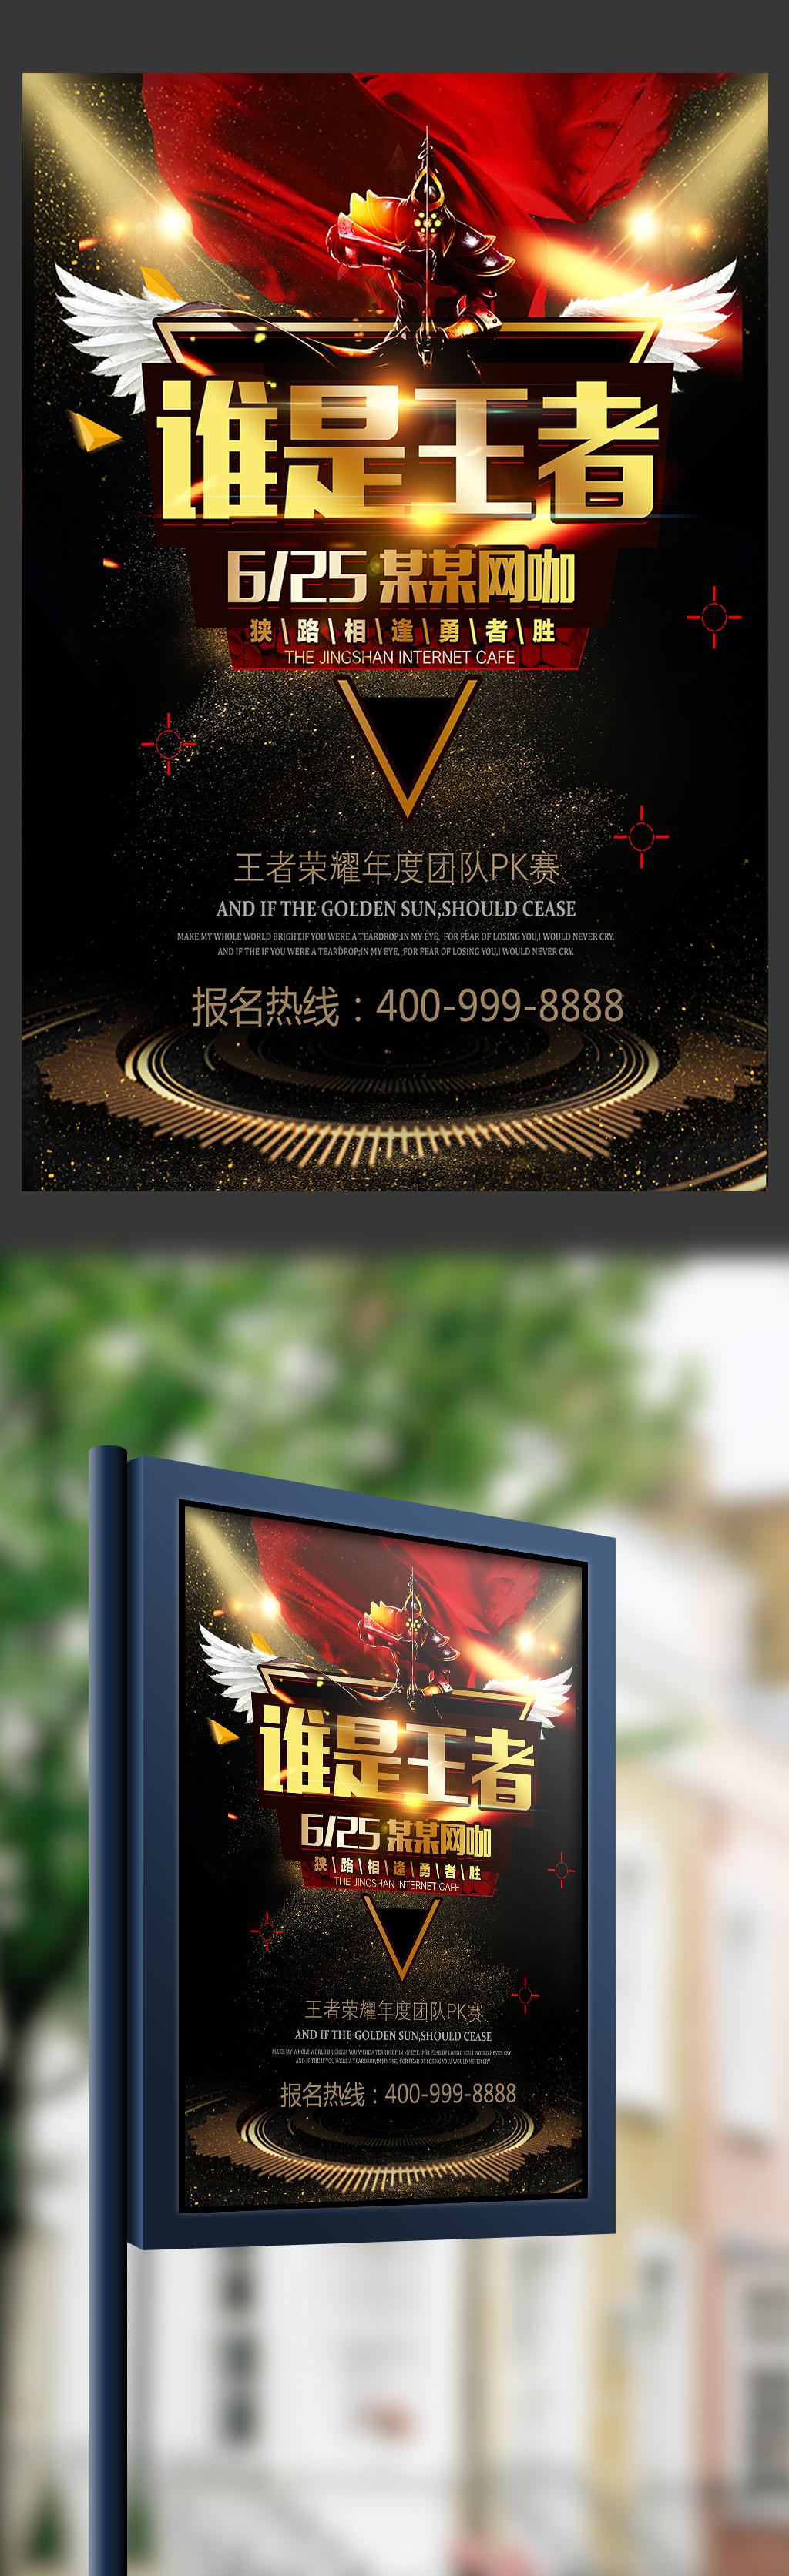 大气手游电竞王者荣耀宣传海报设计